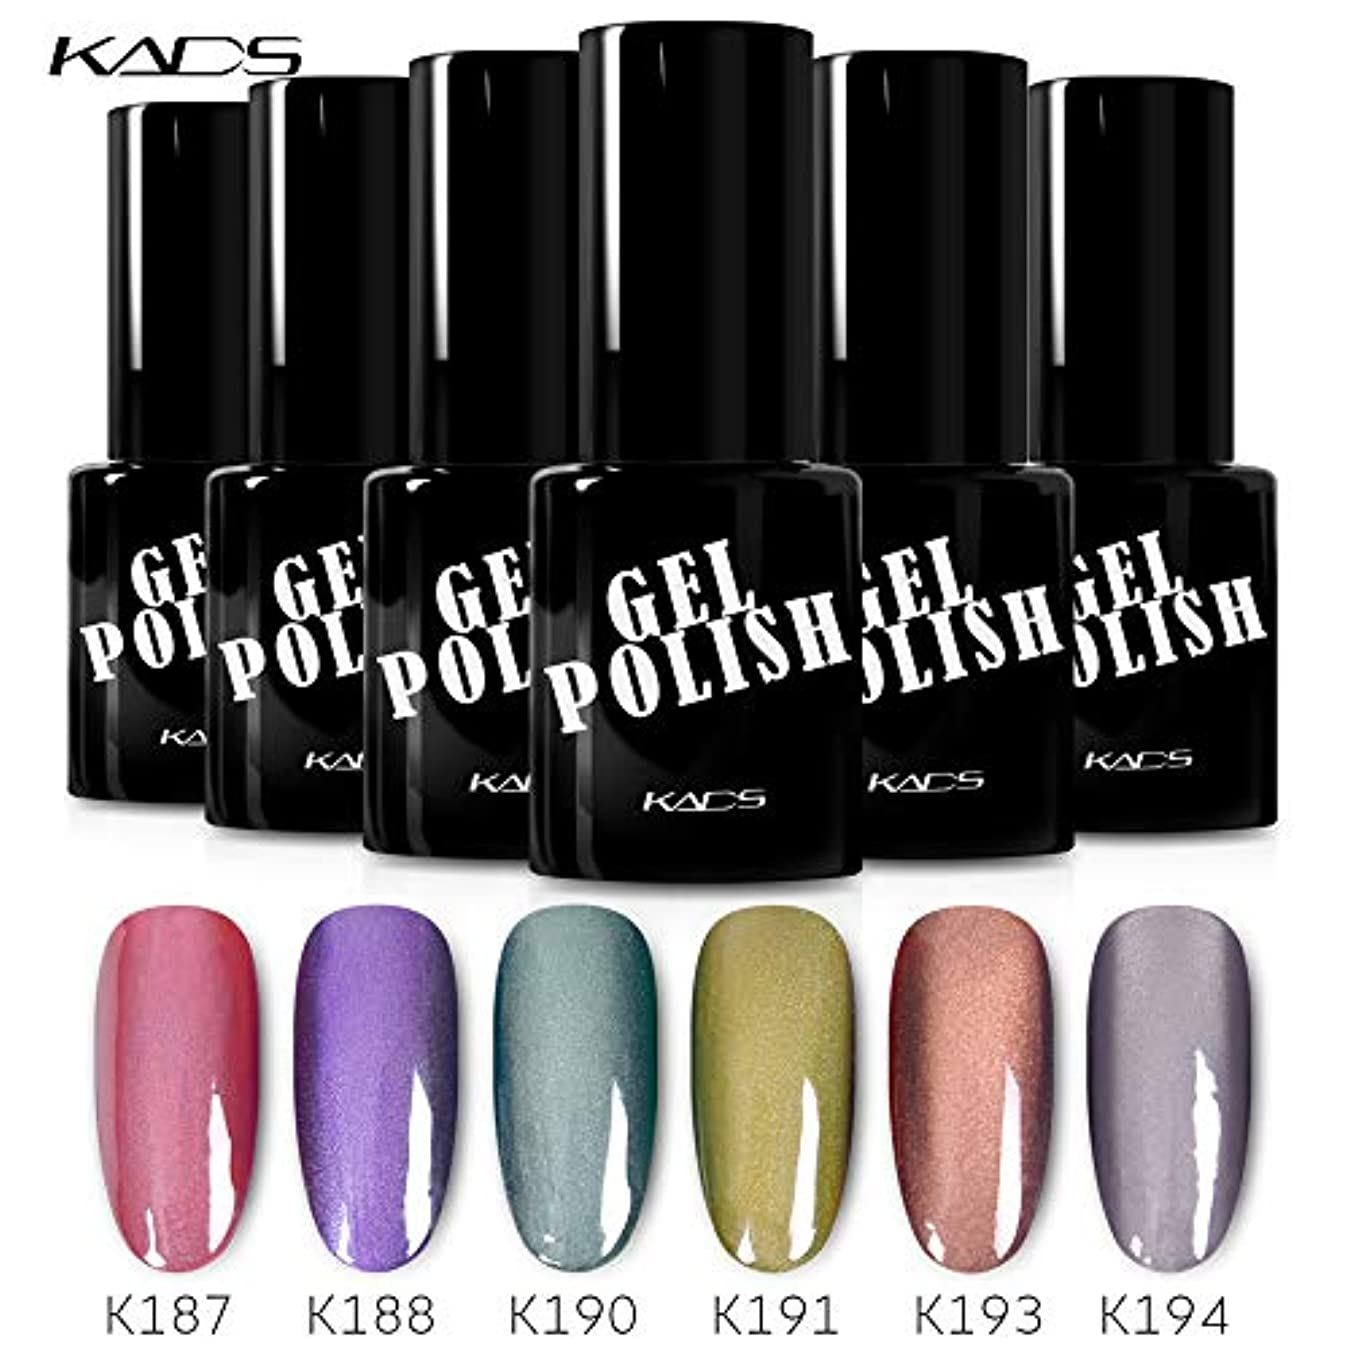 ステージ明快原始的なKADS カラージェル ジェルネイル カラーポリッシュ 6色入り キャッツアイジェル パープル/ピンク/グレー カラージェル UV/LED対応 艶長持ち (セット7)